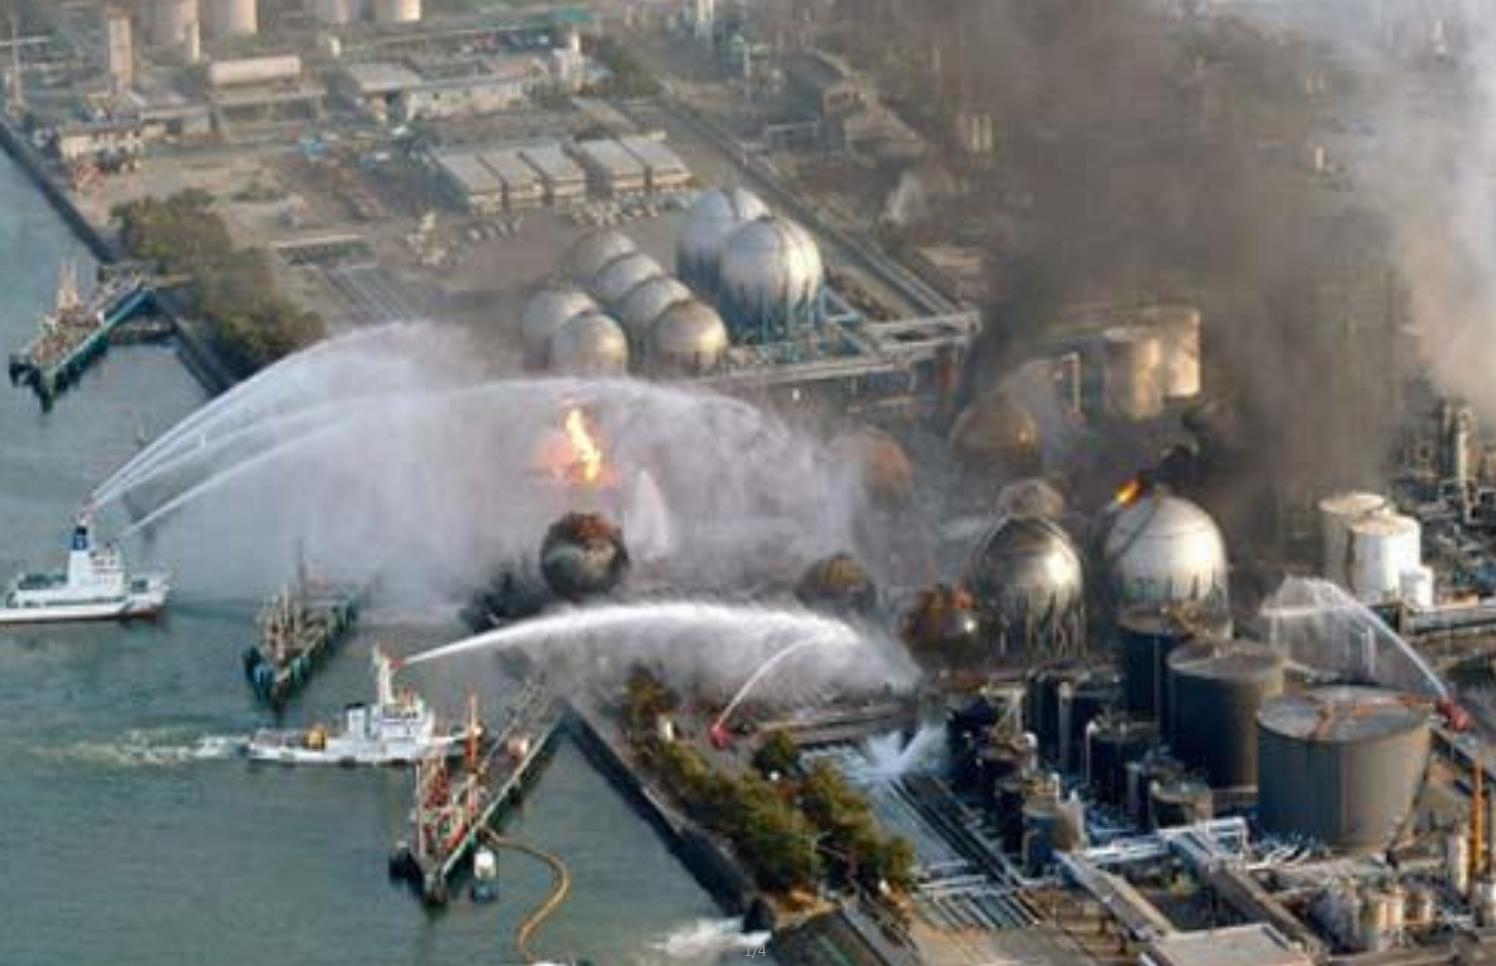 福岛核电站核污水怎么处